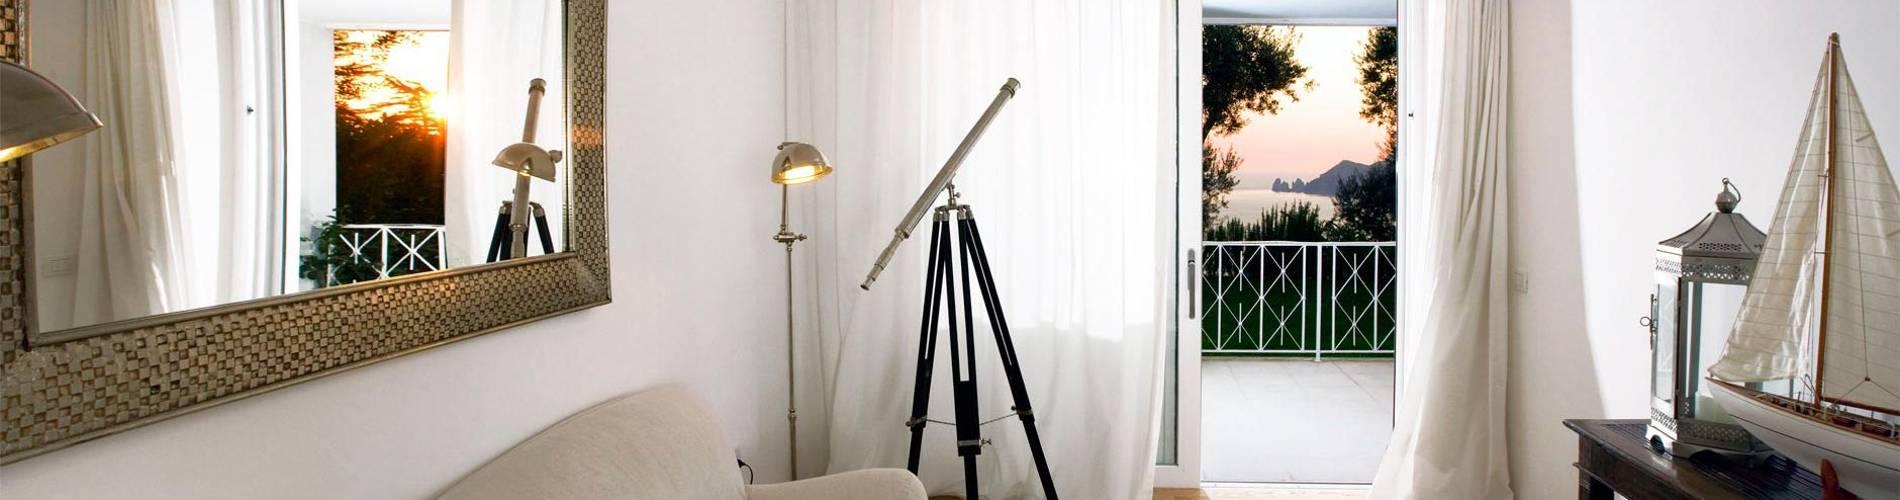 Relais Blu, Sorrento, Italy, Special Room SV (7).jpg